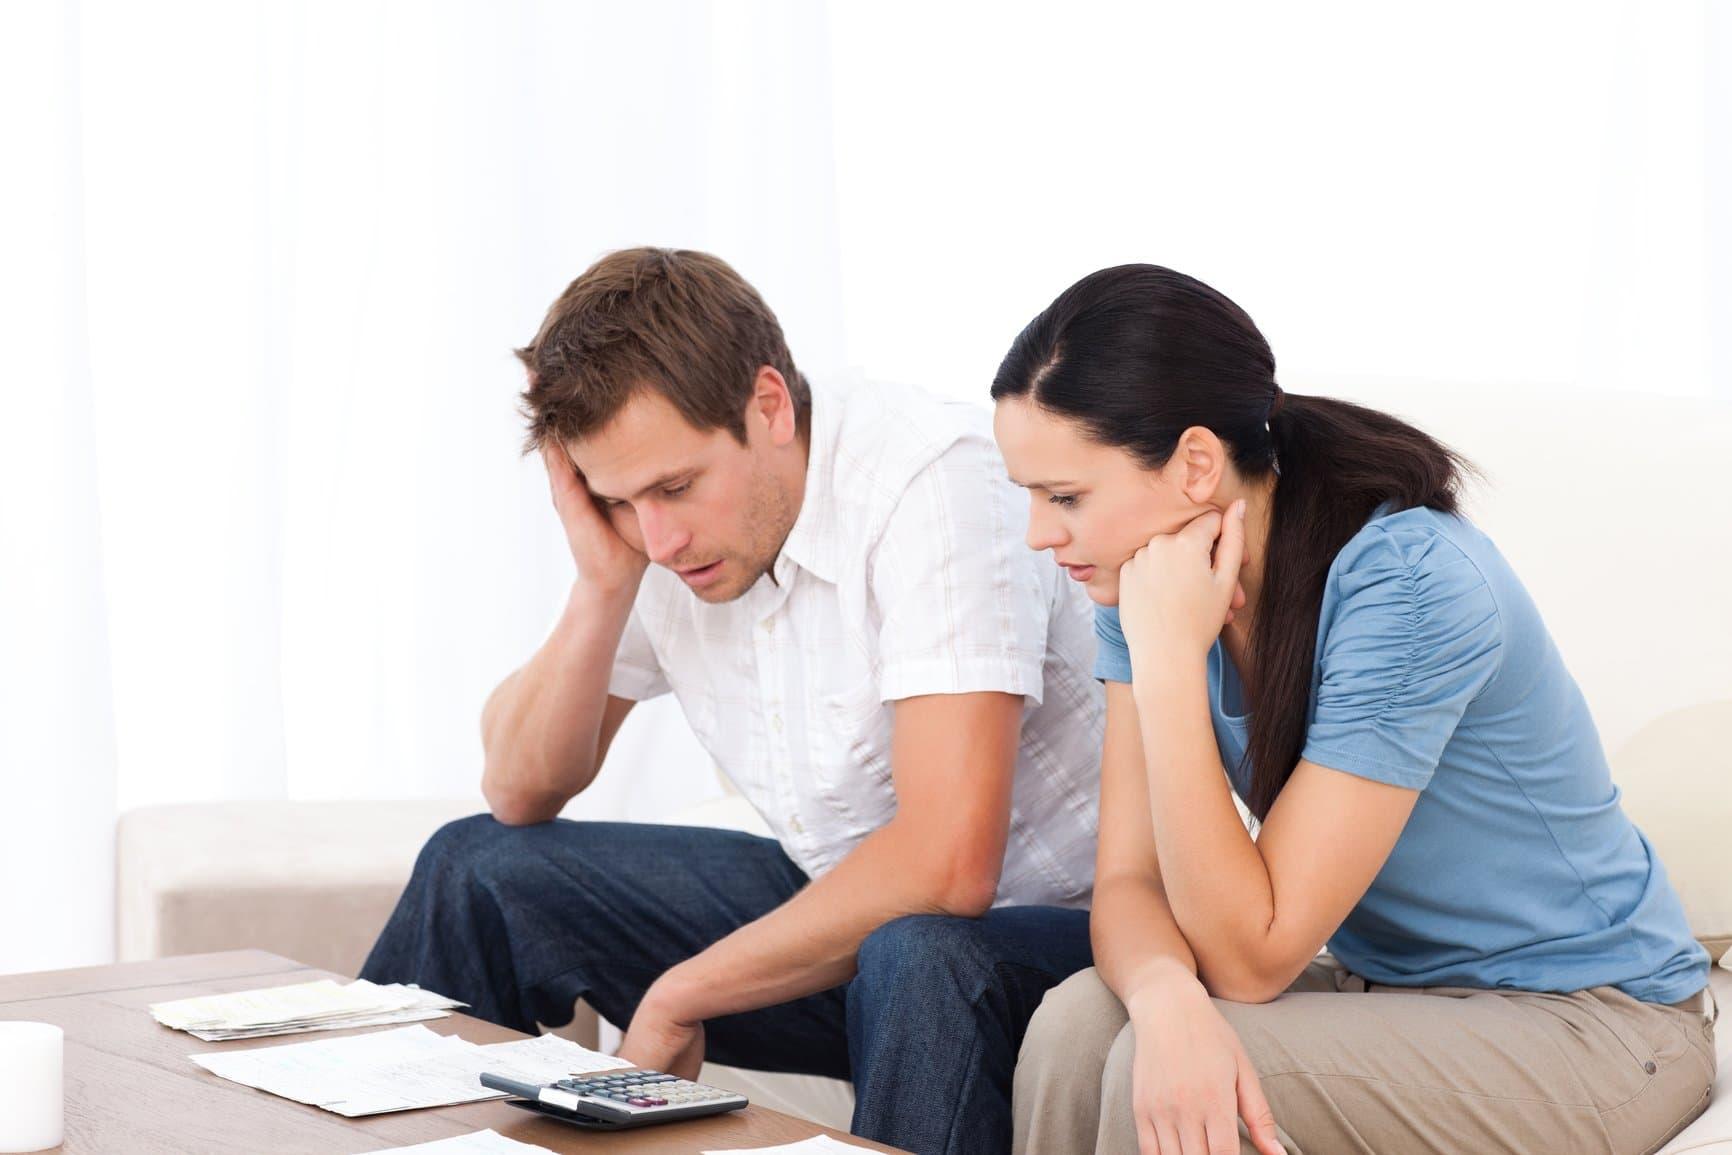 кредитный калькулятор втб ипотека рассчитать онлайн